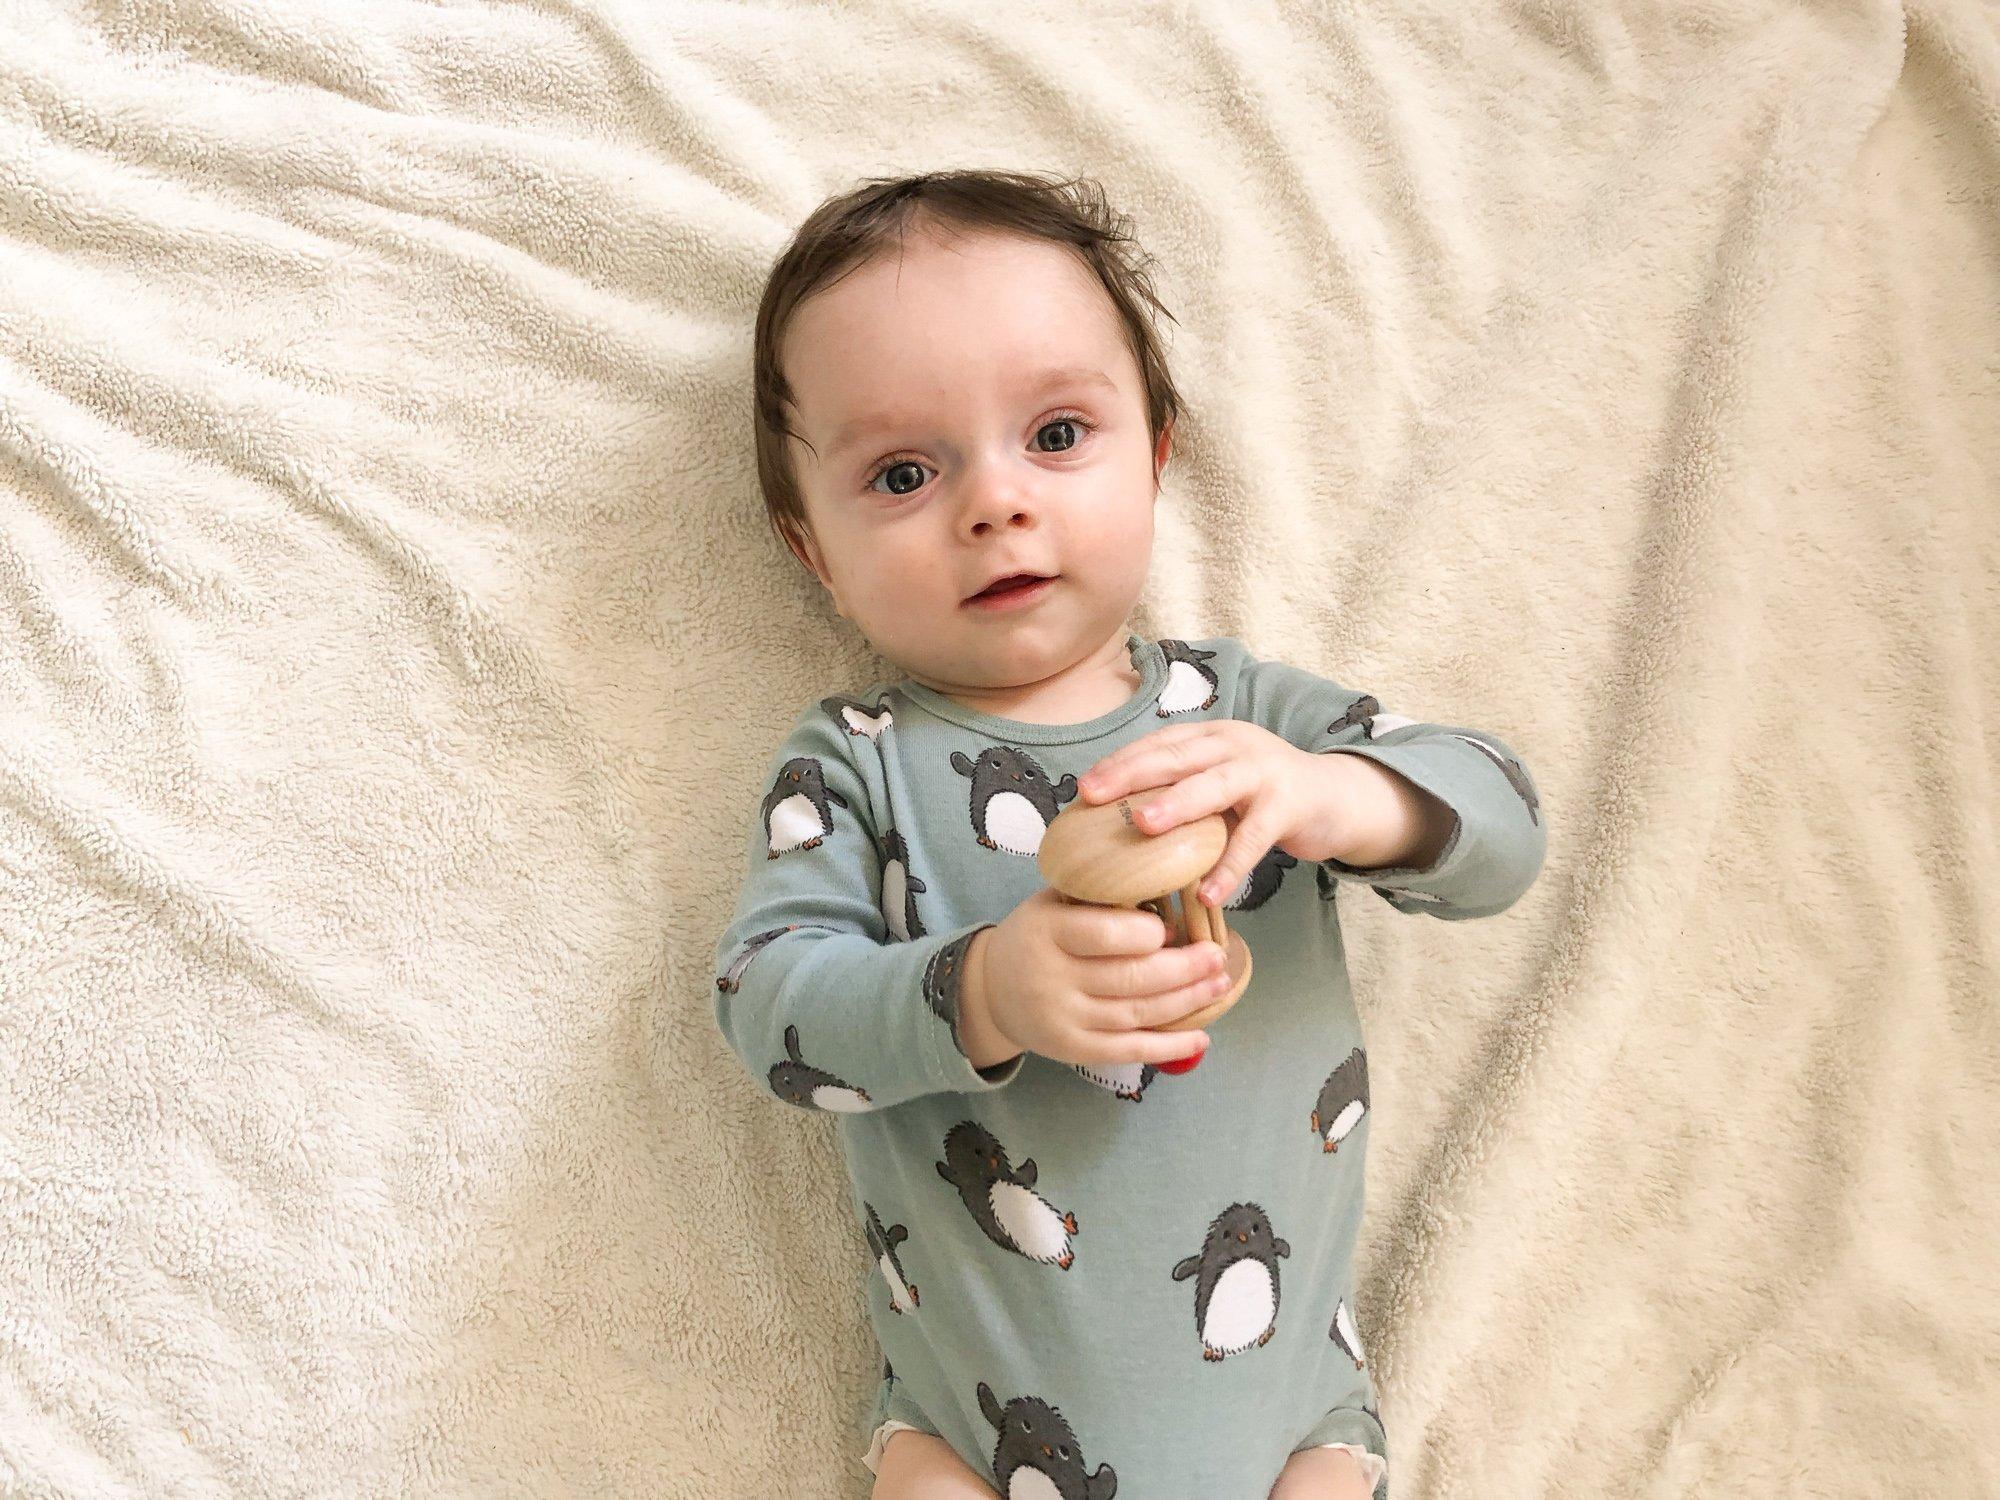 jouets pour les bébés de 0 à 6 mois - sélectionnés par des psychologues